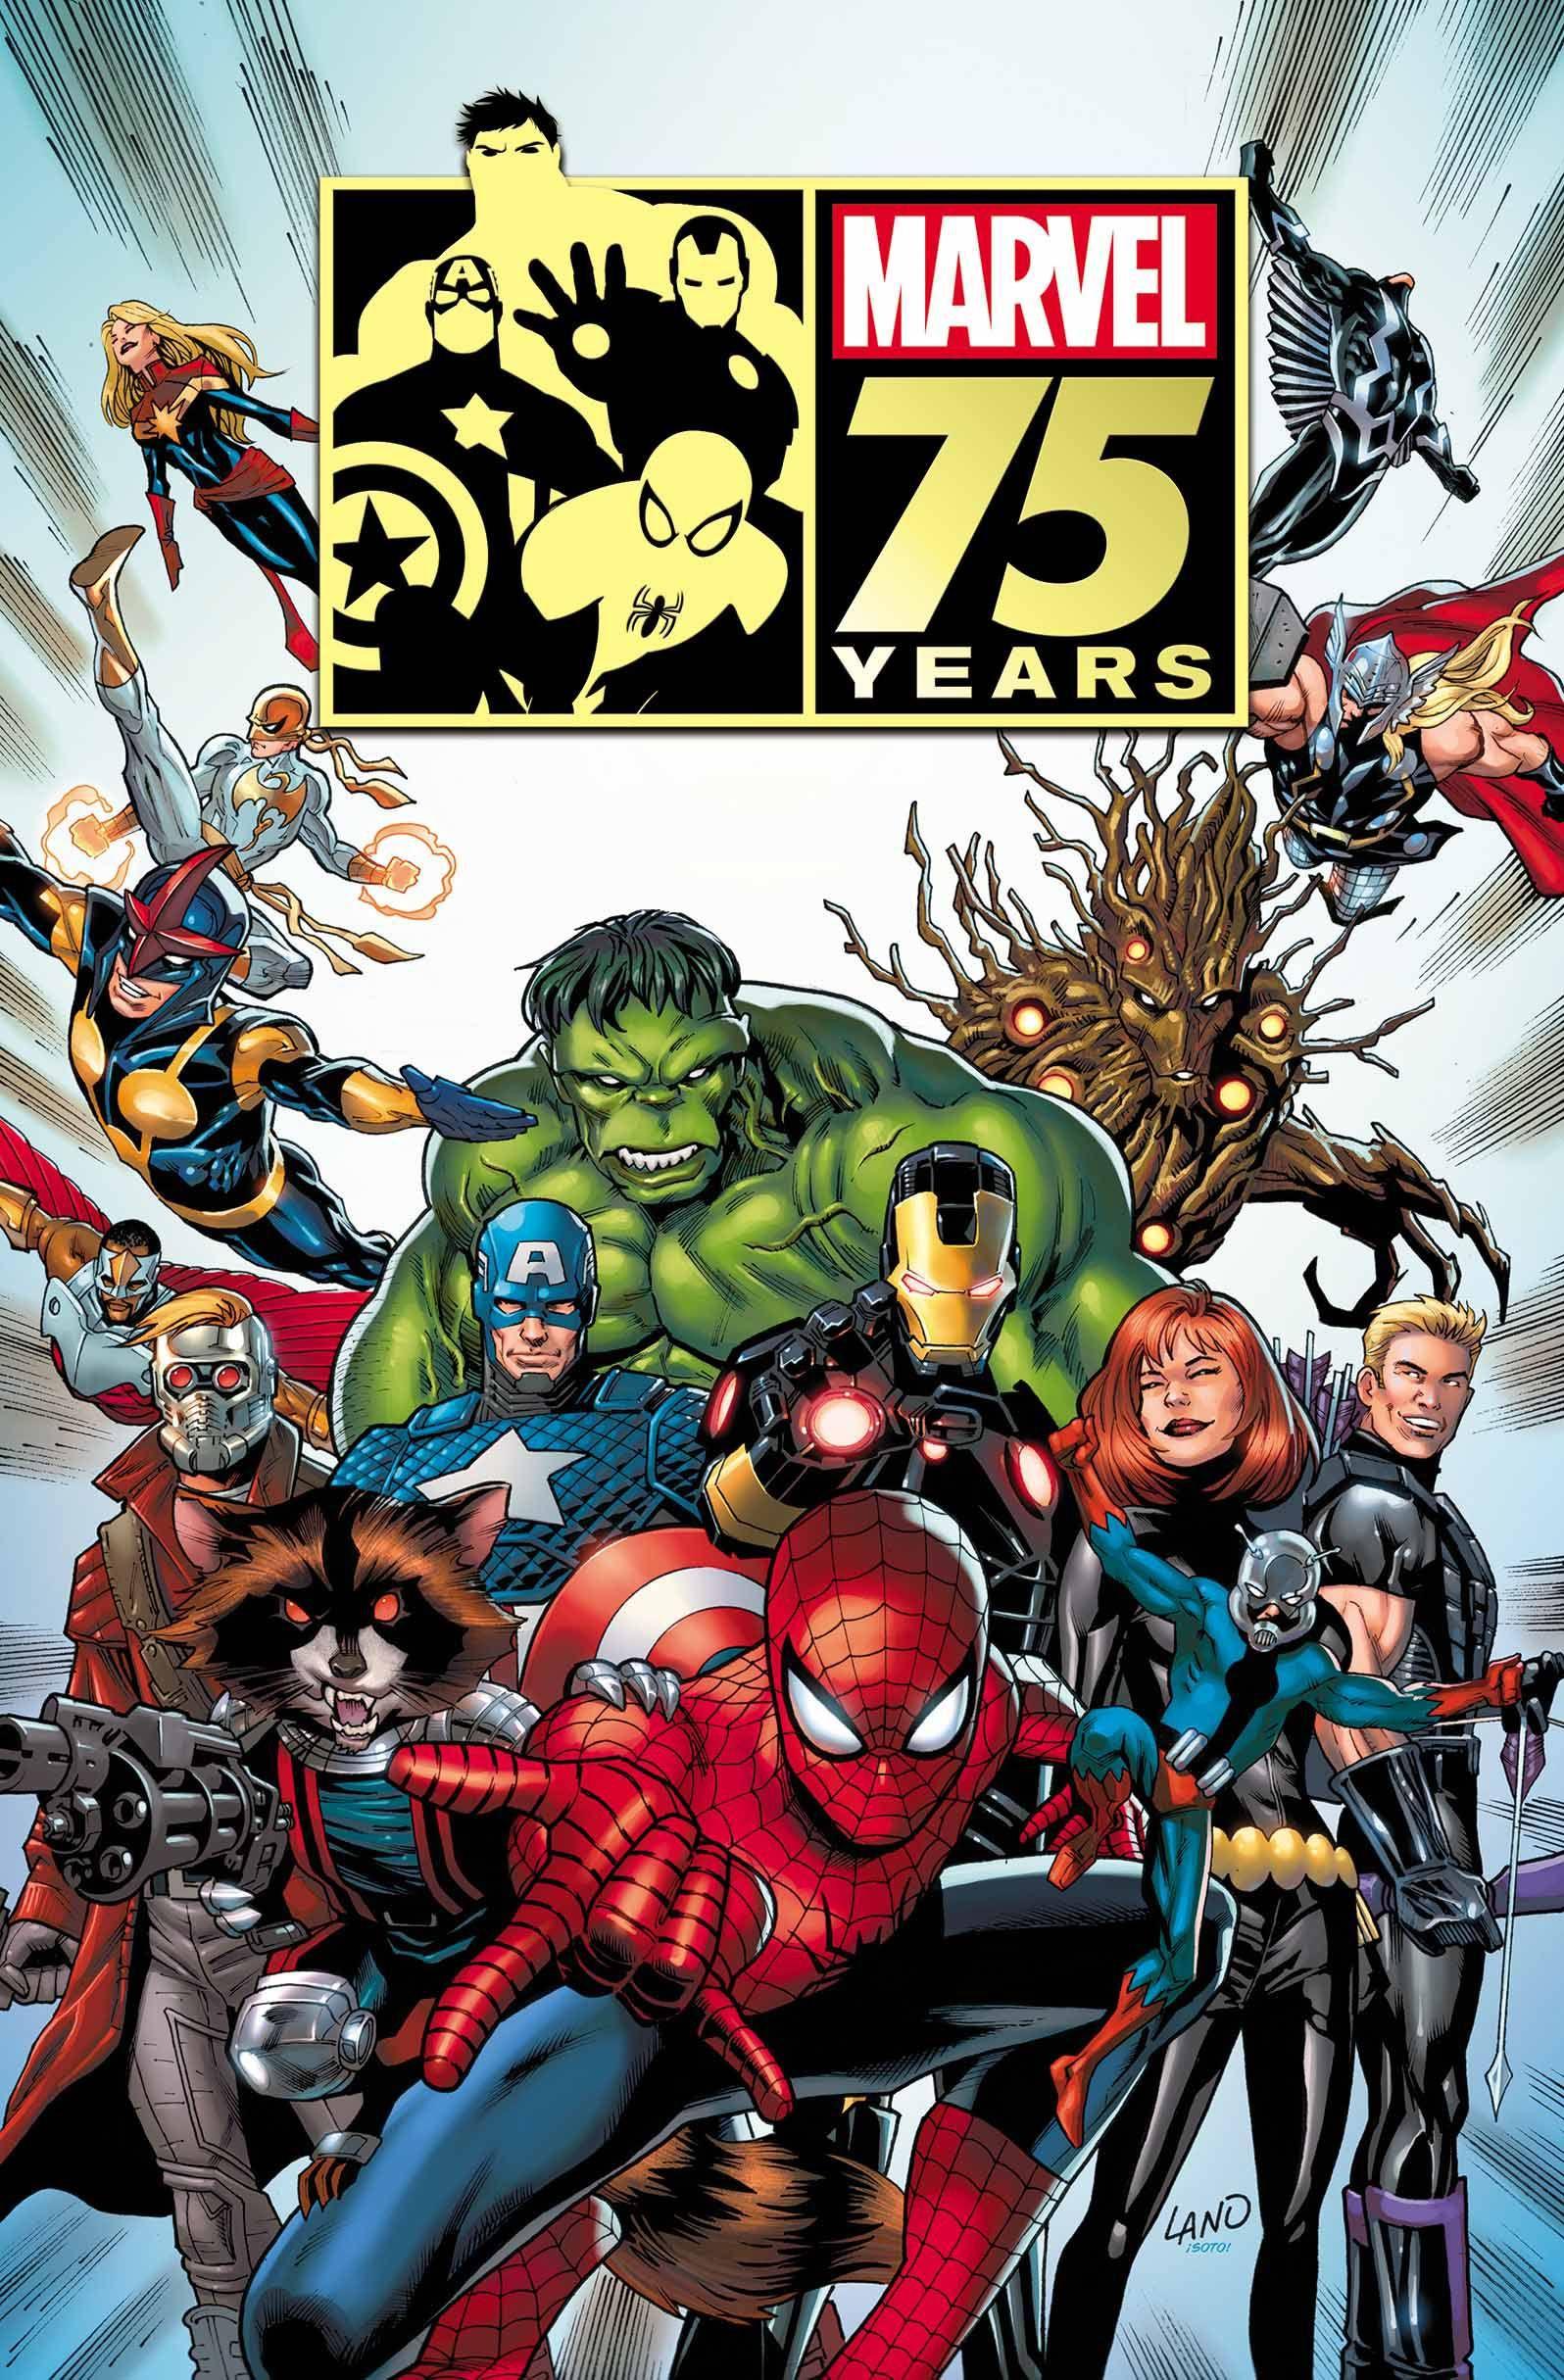 #Marvel #Fan #Art. (MARVEL 75TH ANNIVERSARY MAGAZINE POSTER) By: Greg Land. (THE * 5 * STÅR * ÅWARD * OF * MAJOR ÅWESOMENESS!!!™) ÅÅÅ+